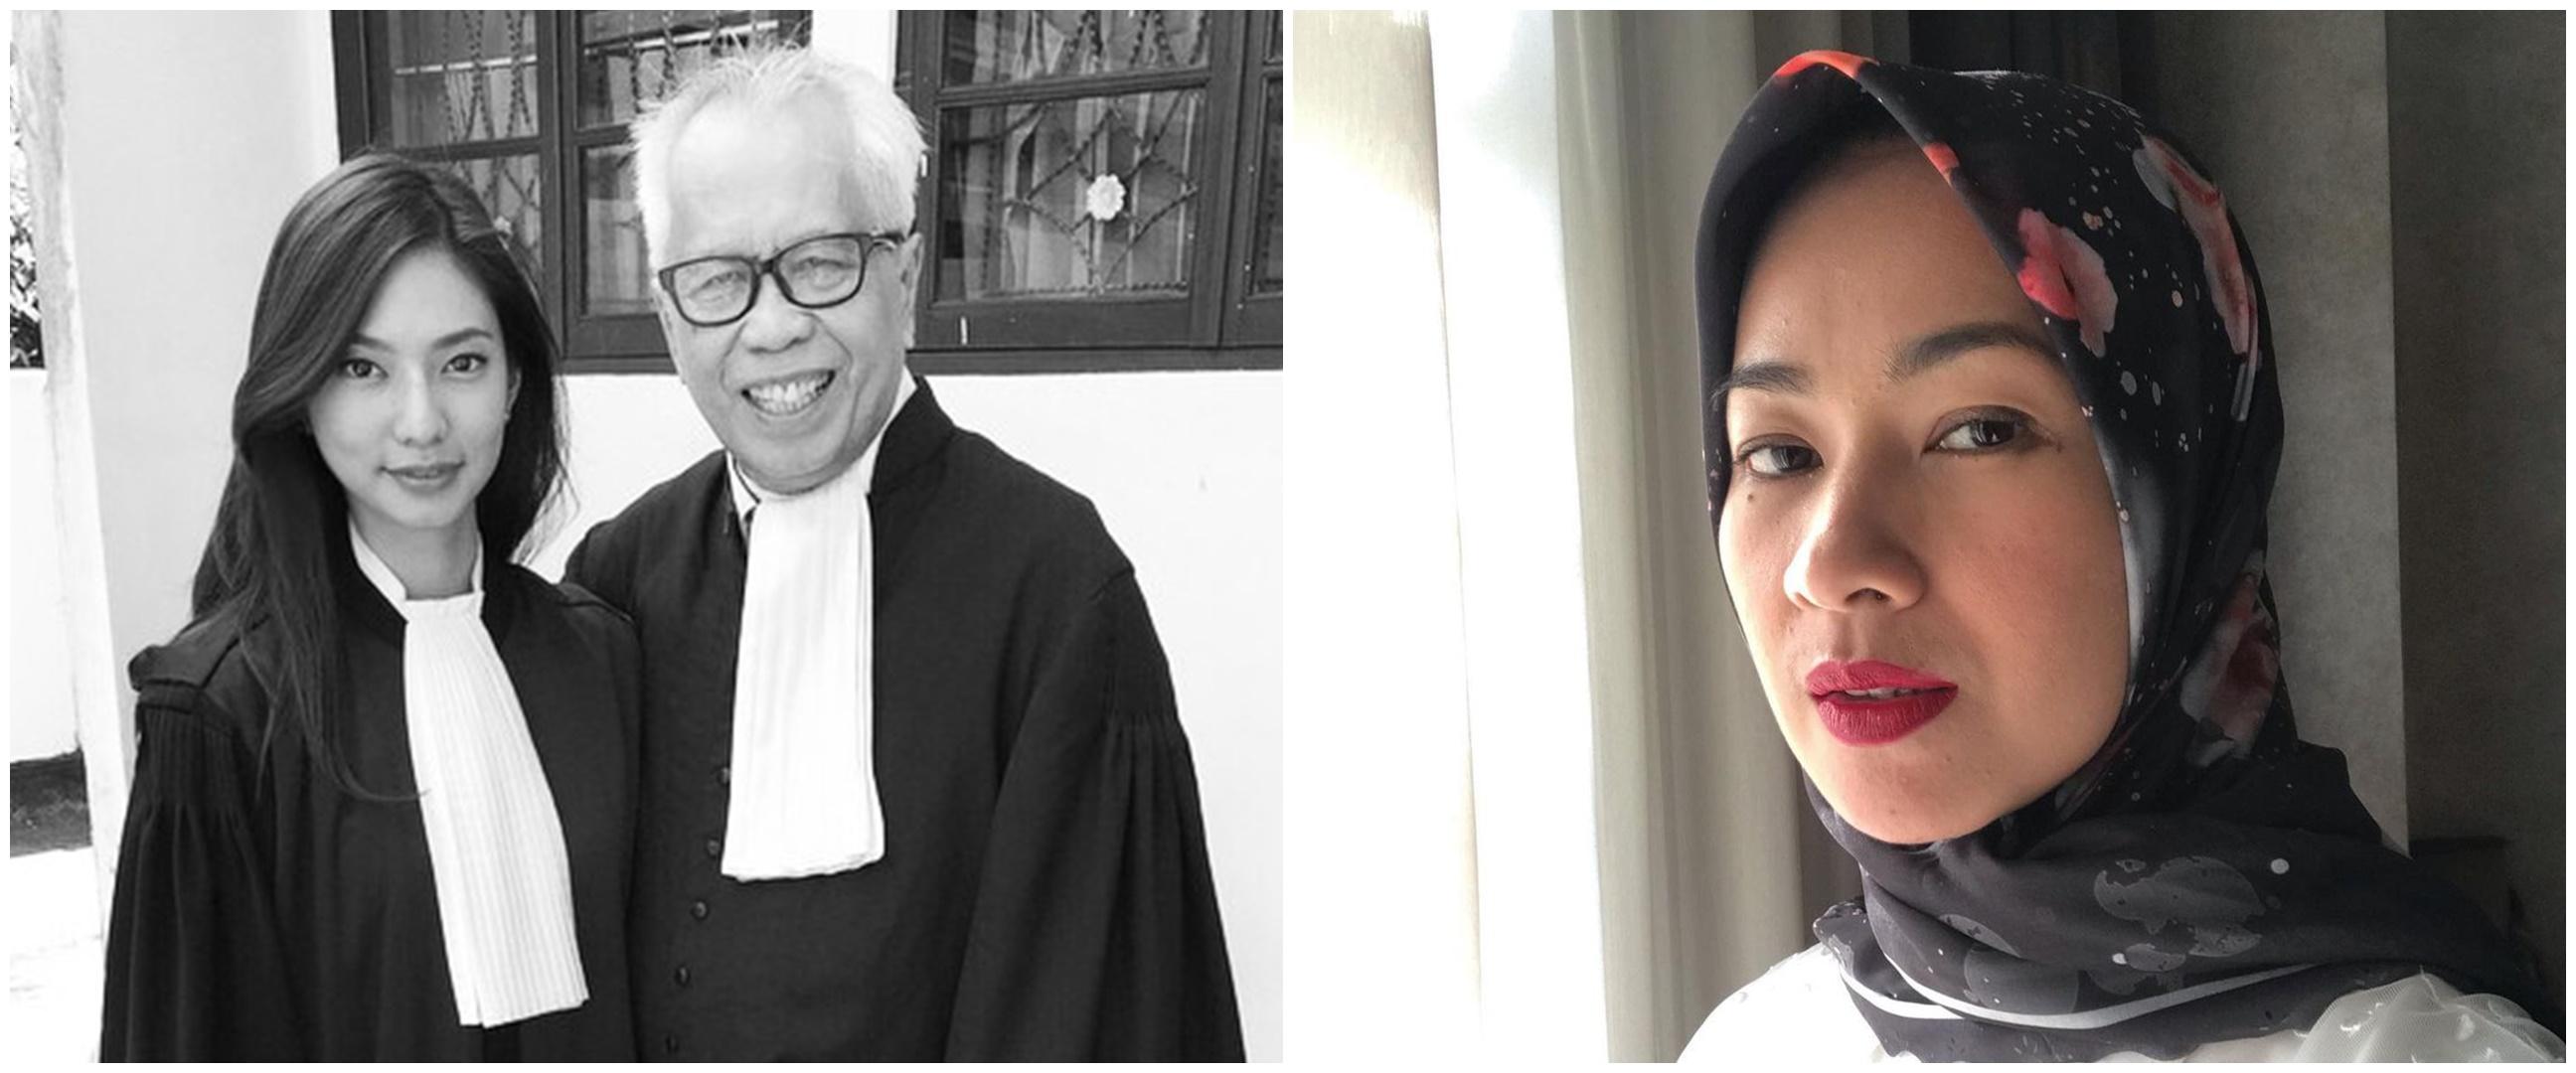 Potret lawas 6 seleb yang kini jadi pengacara, pesonanya tak luntur